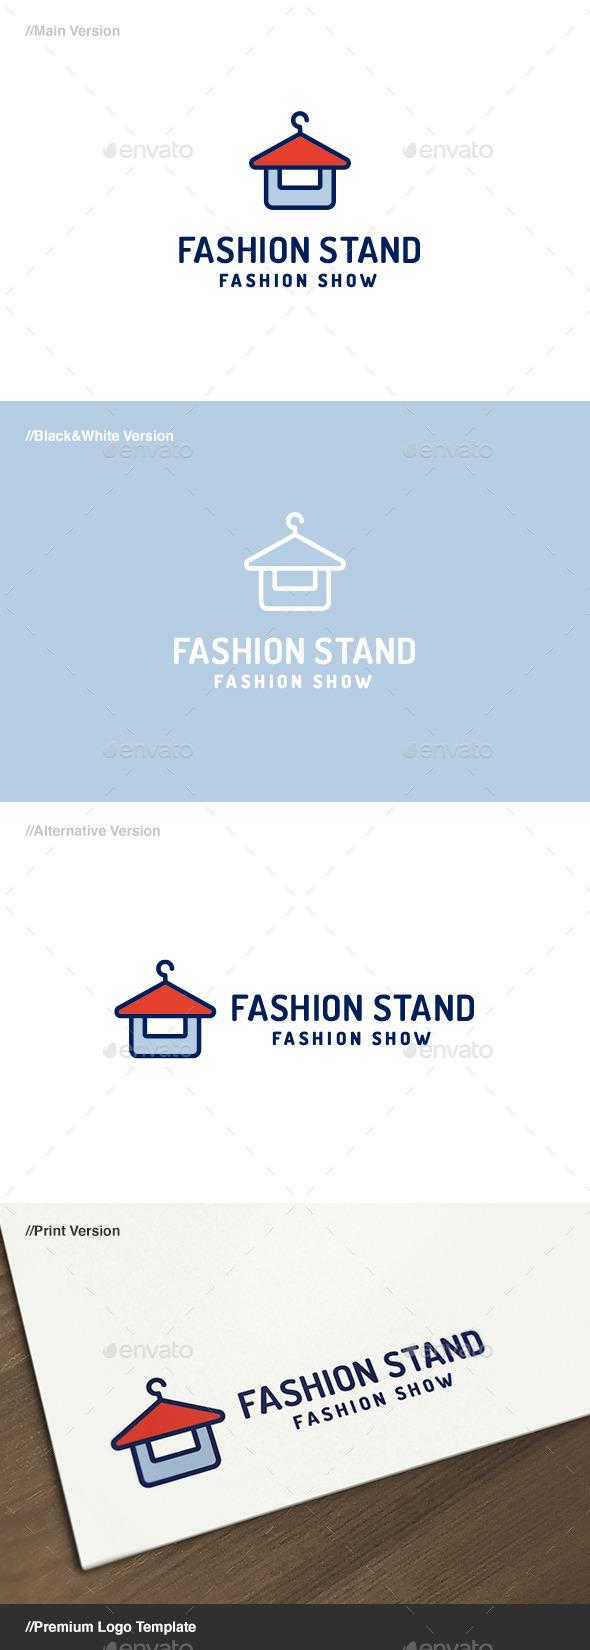 Fashion Stand Logo